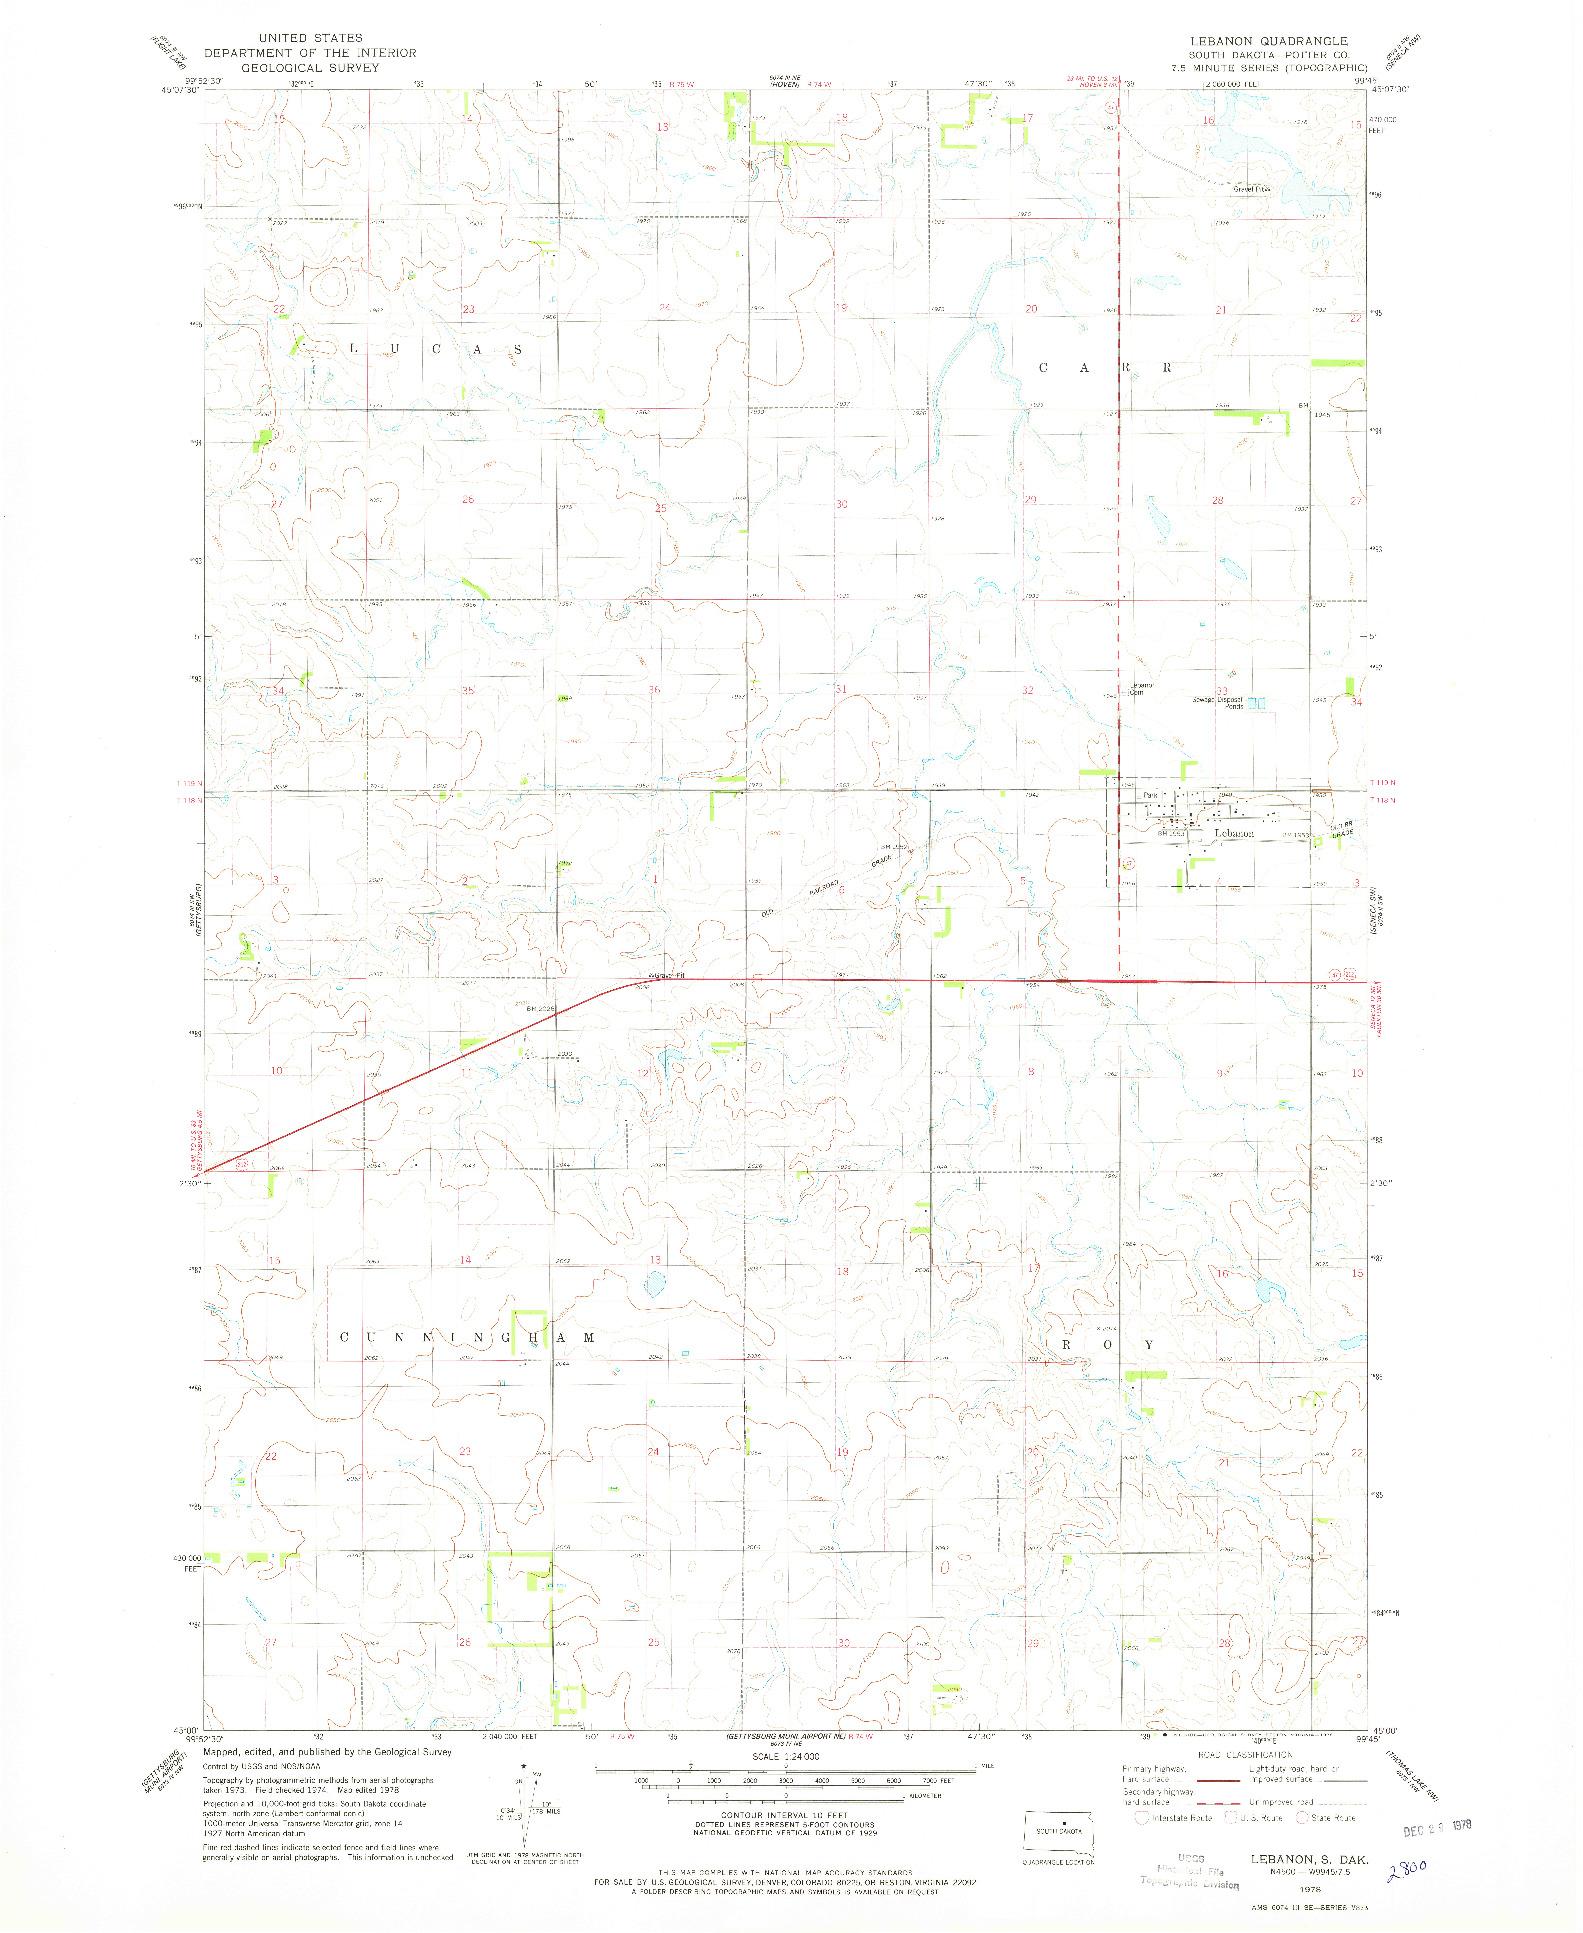 USGS 1:24000-SCALE QUADRANGLE FOR LEBANON, SD 1978